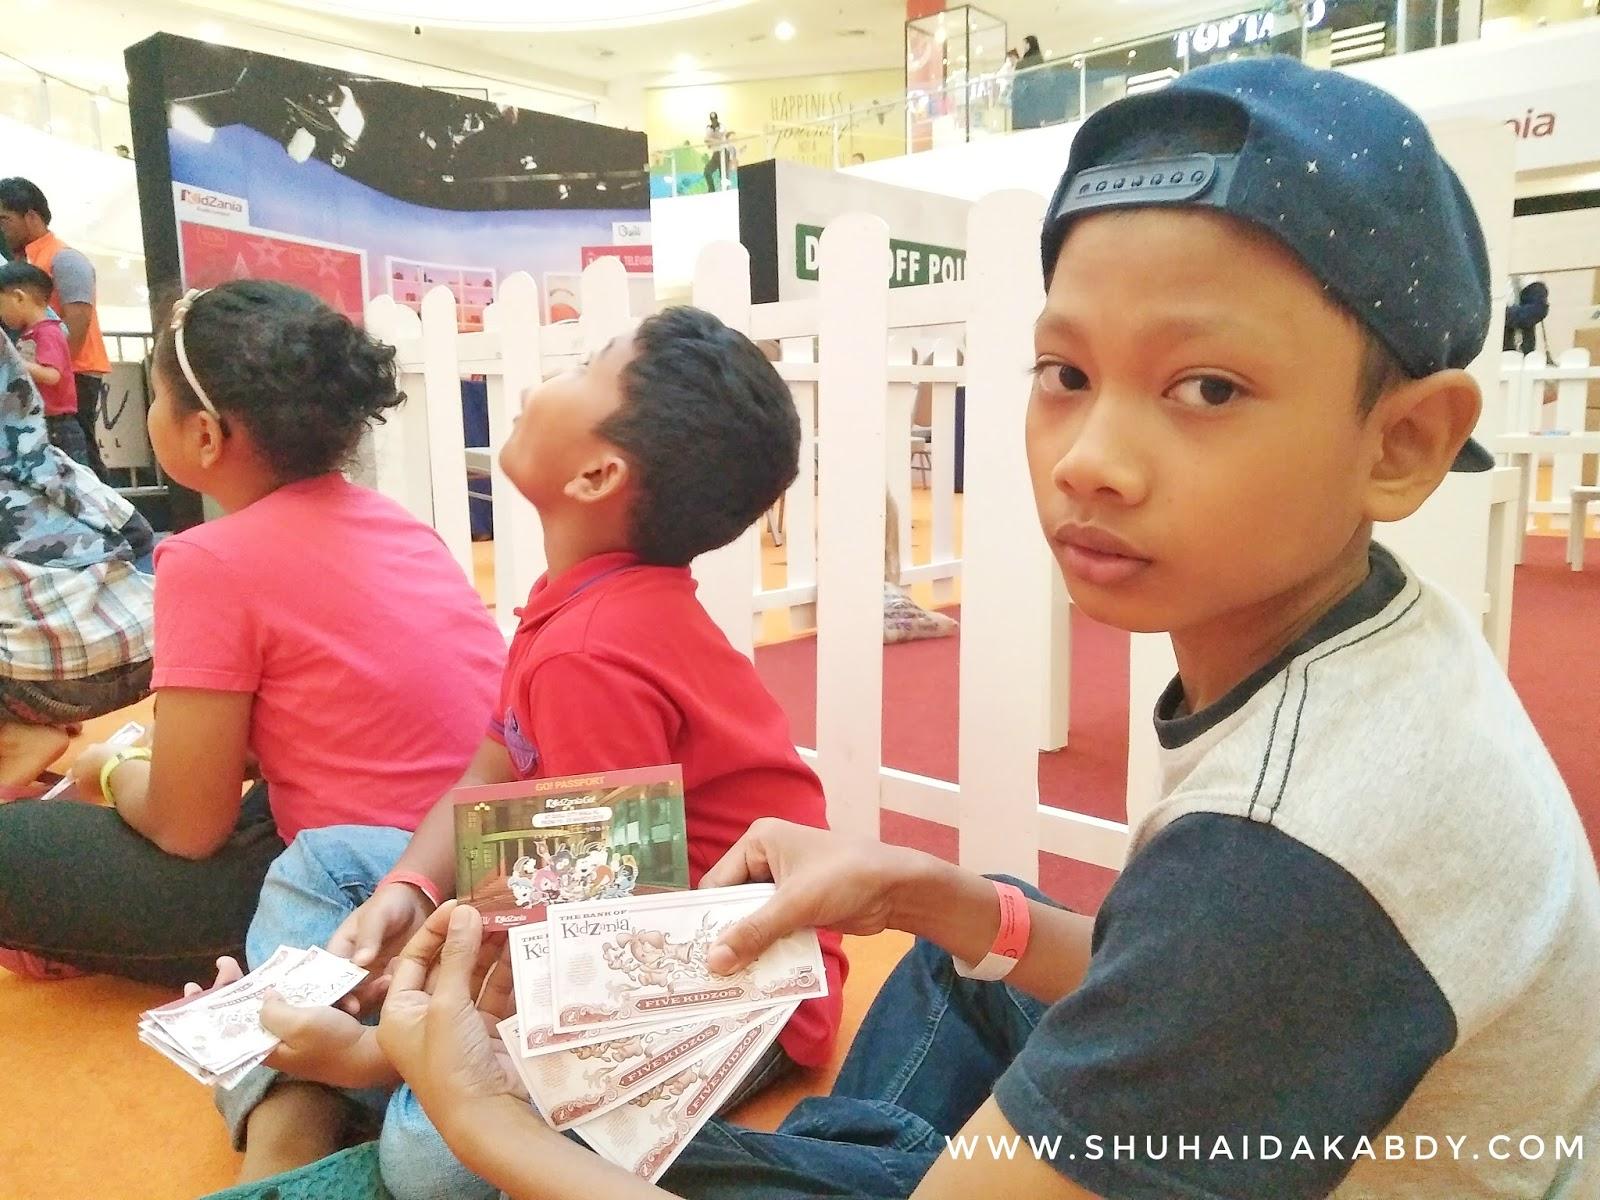 Cuti Sekolah ke Kidzania Go Quill City Mall Kuala Lumpur